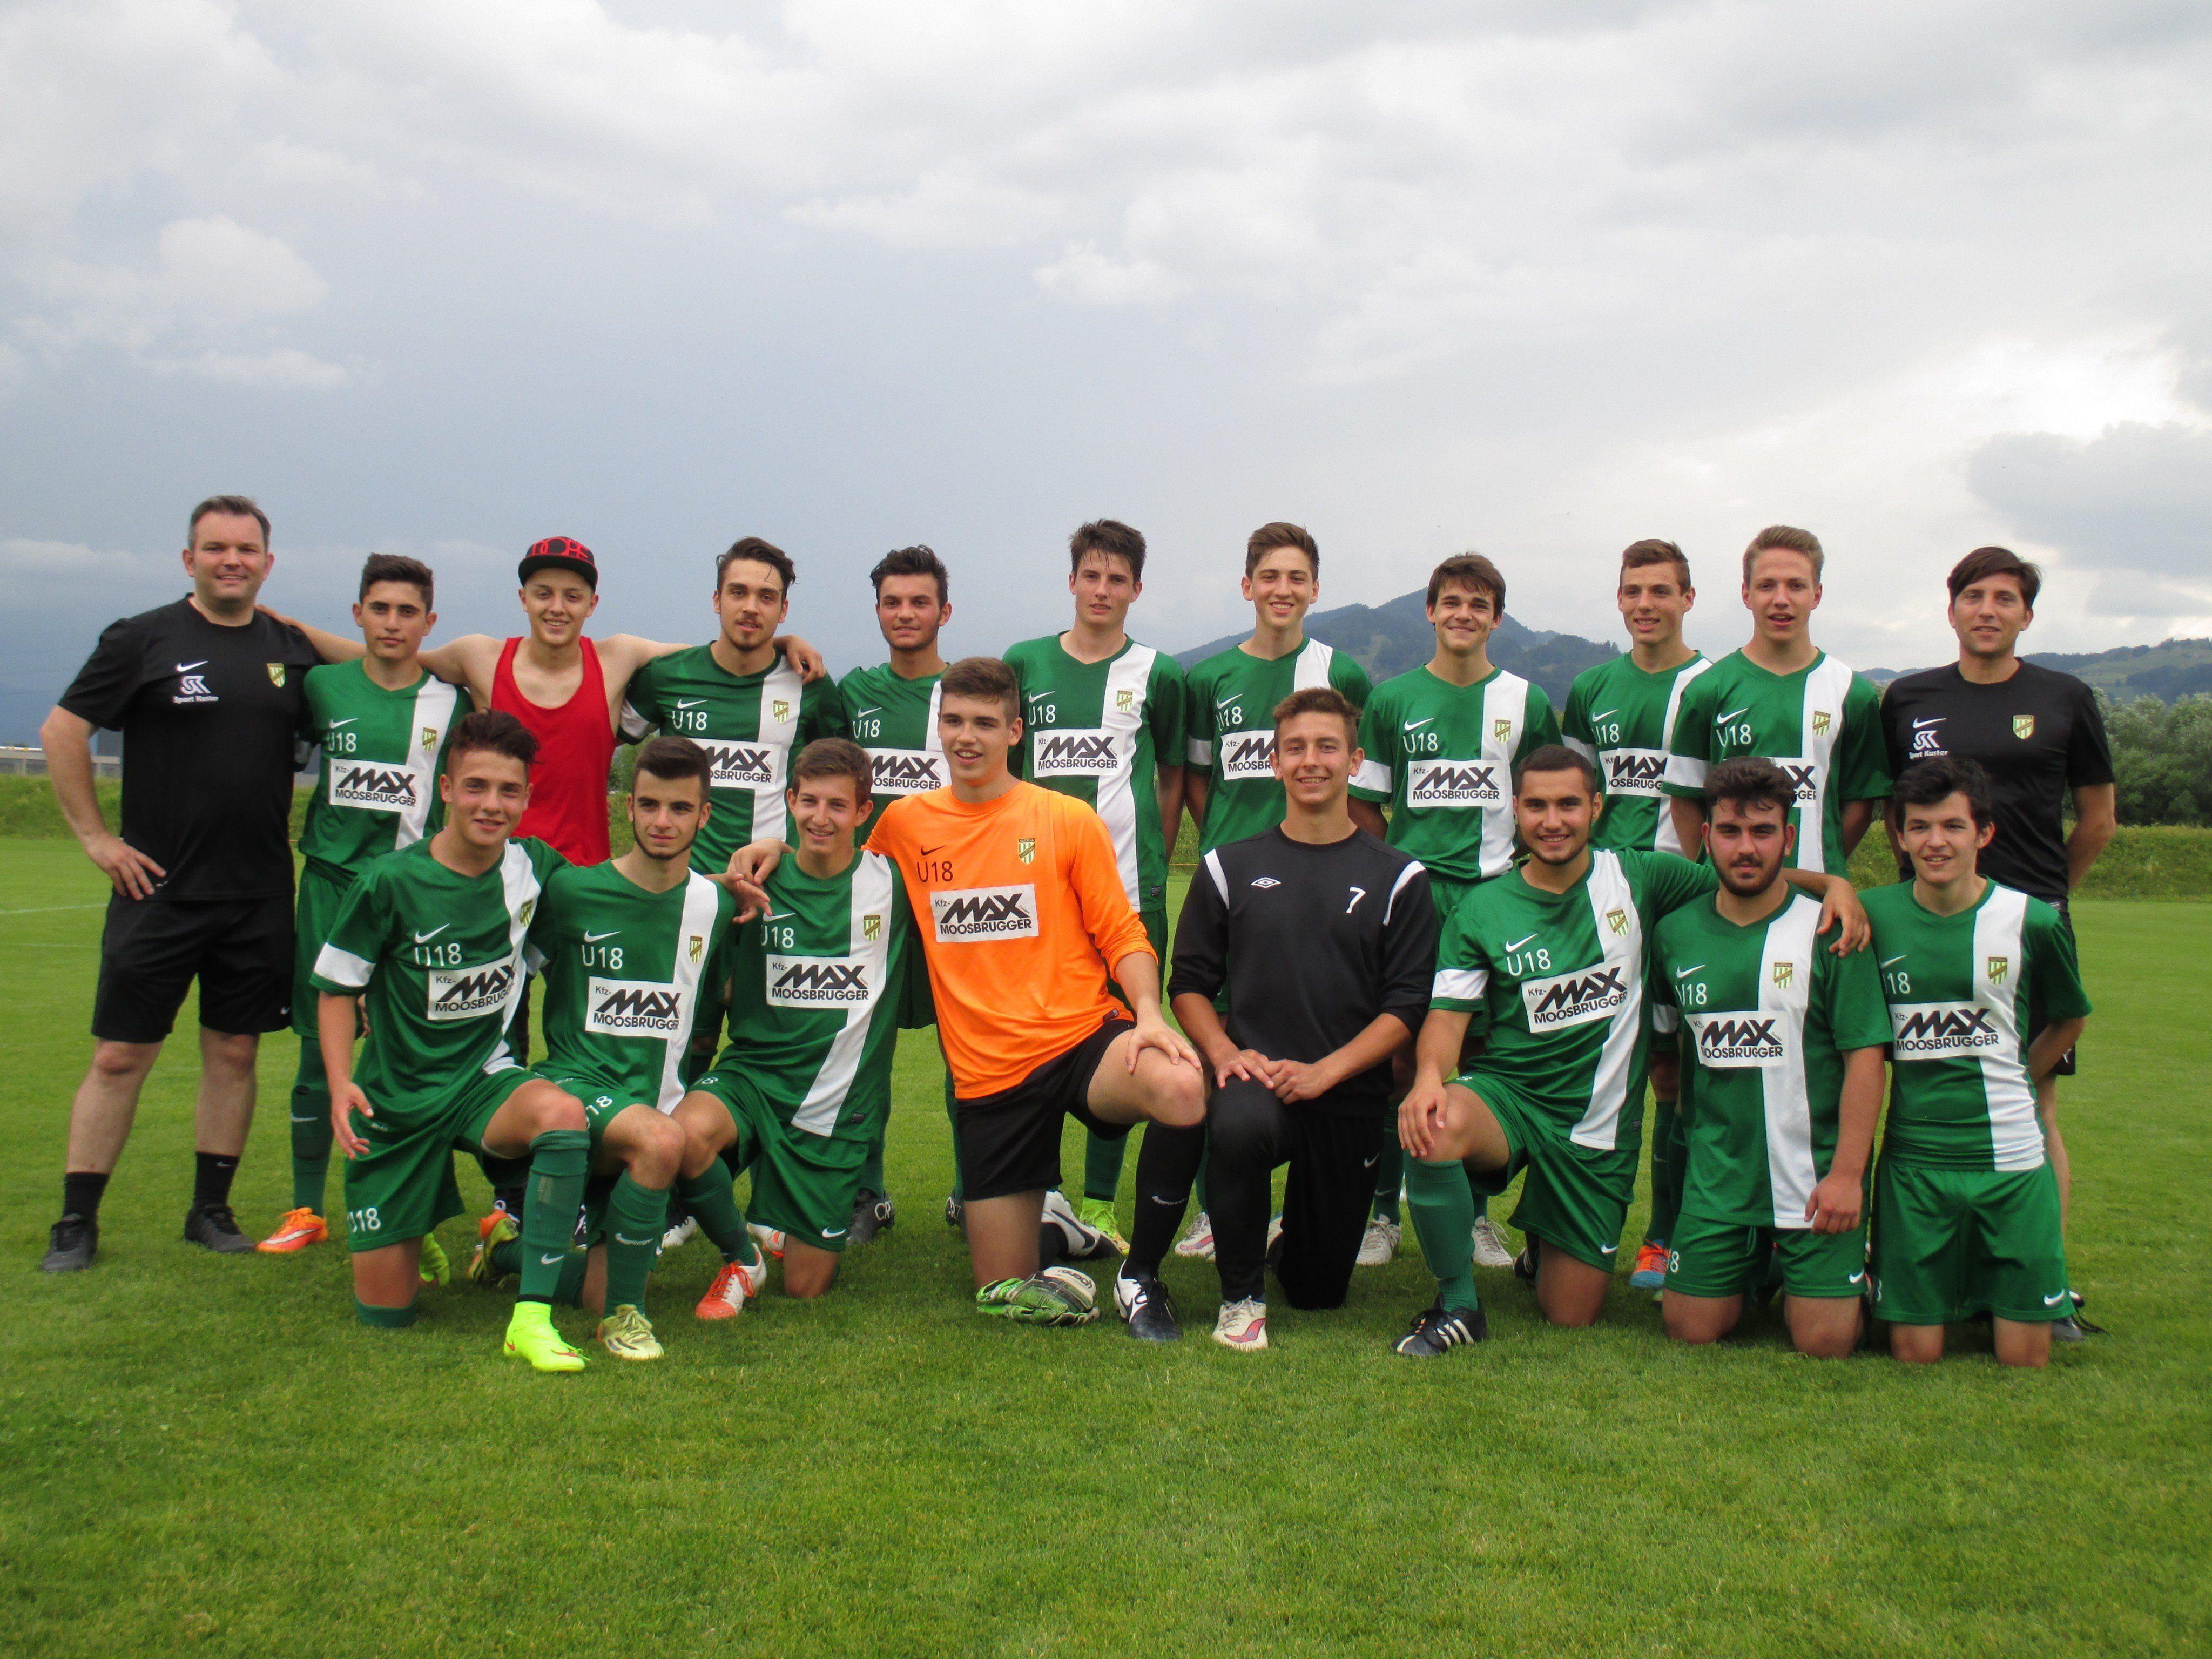 Die U18 des SC Austria Lustenau fixierte den Finaleinzug